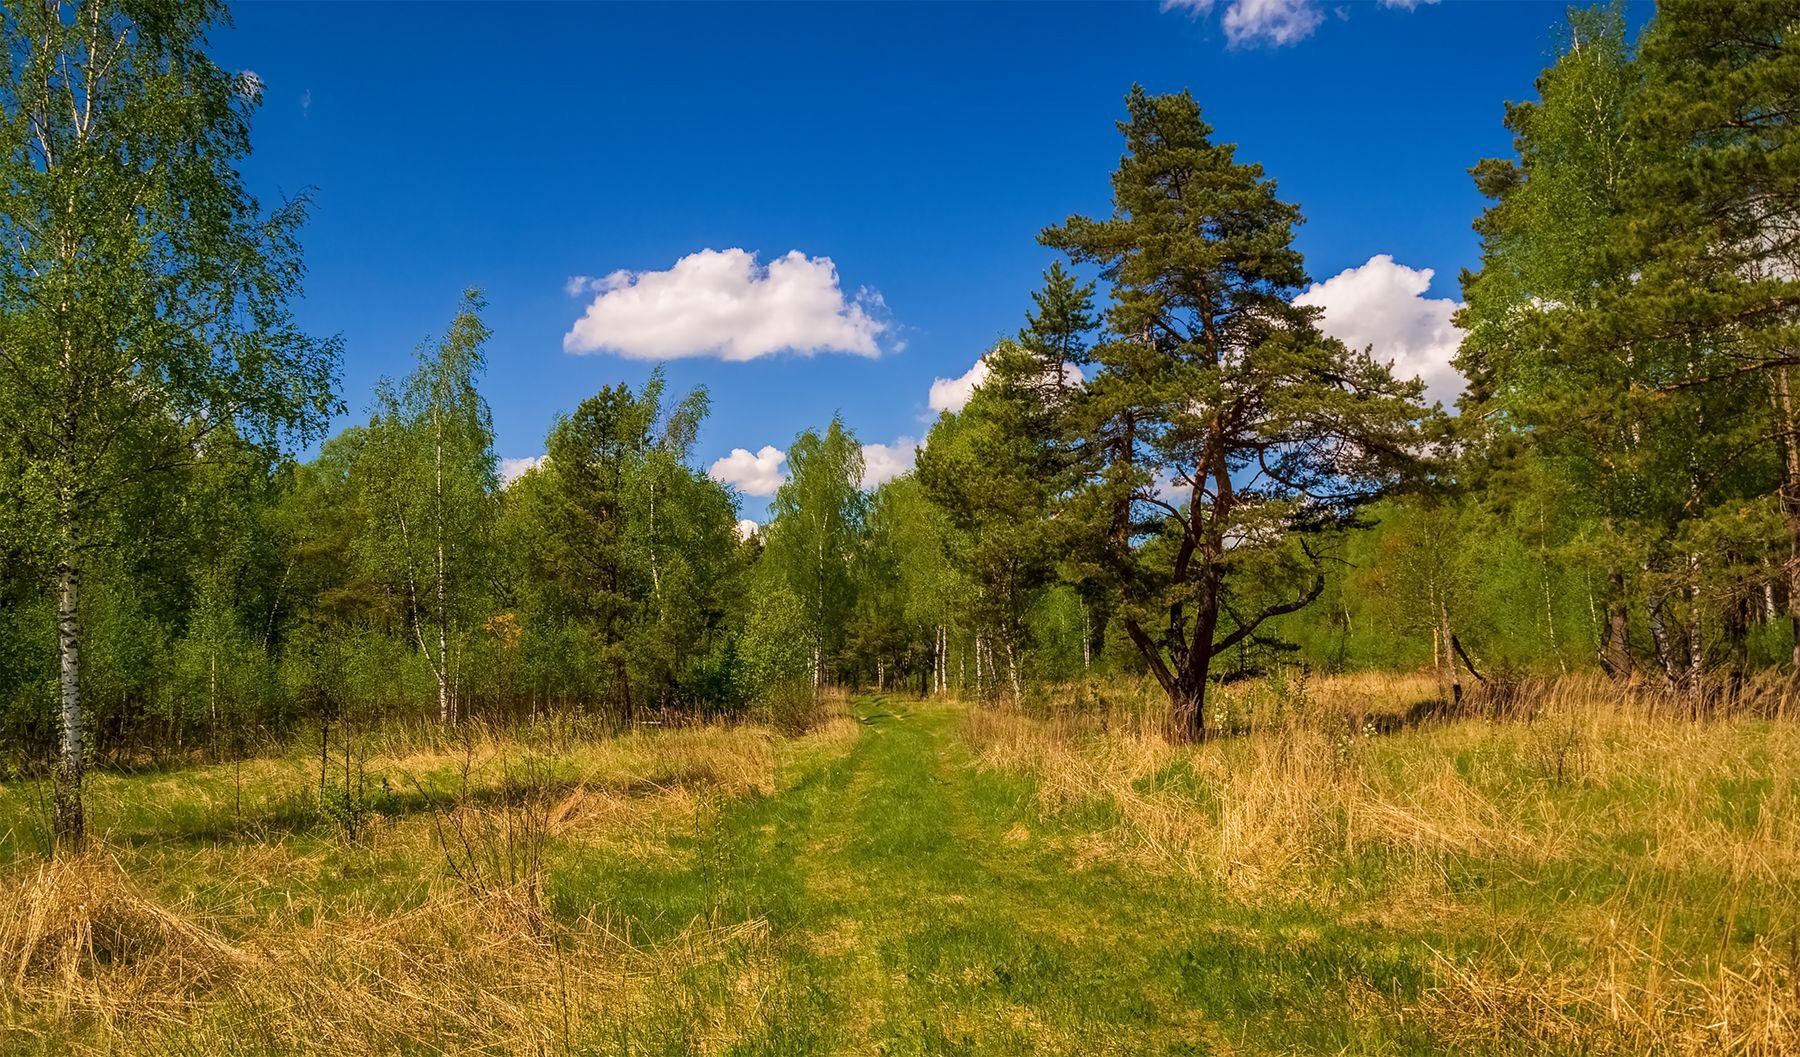 Прогулка по лесу # 02